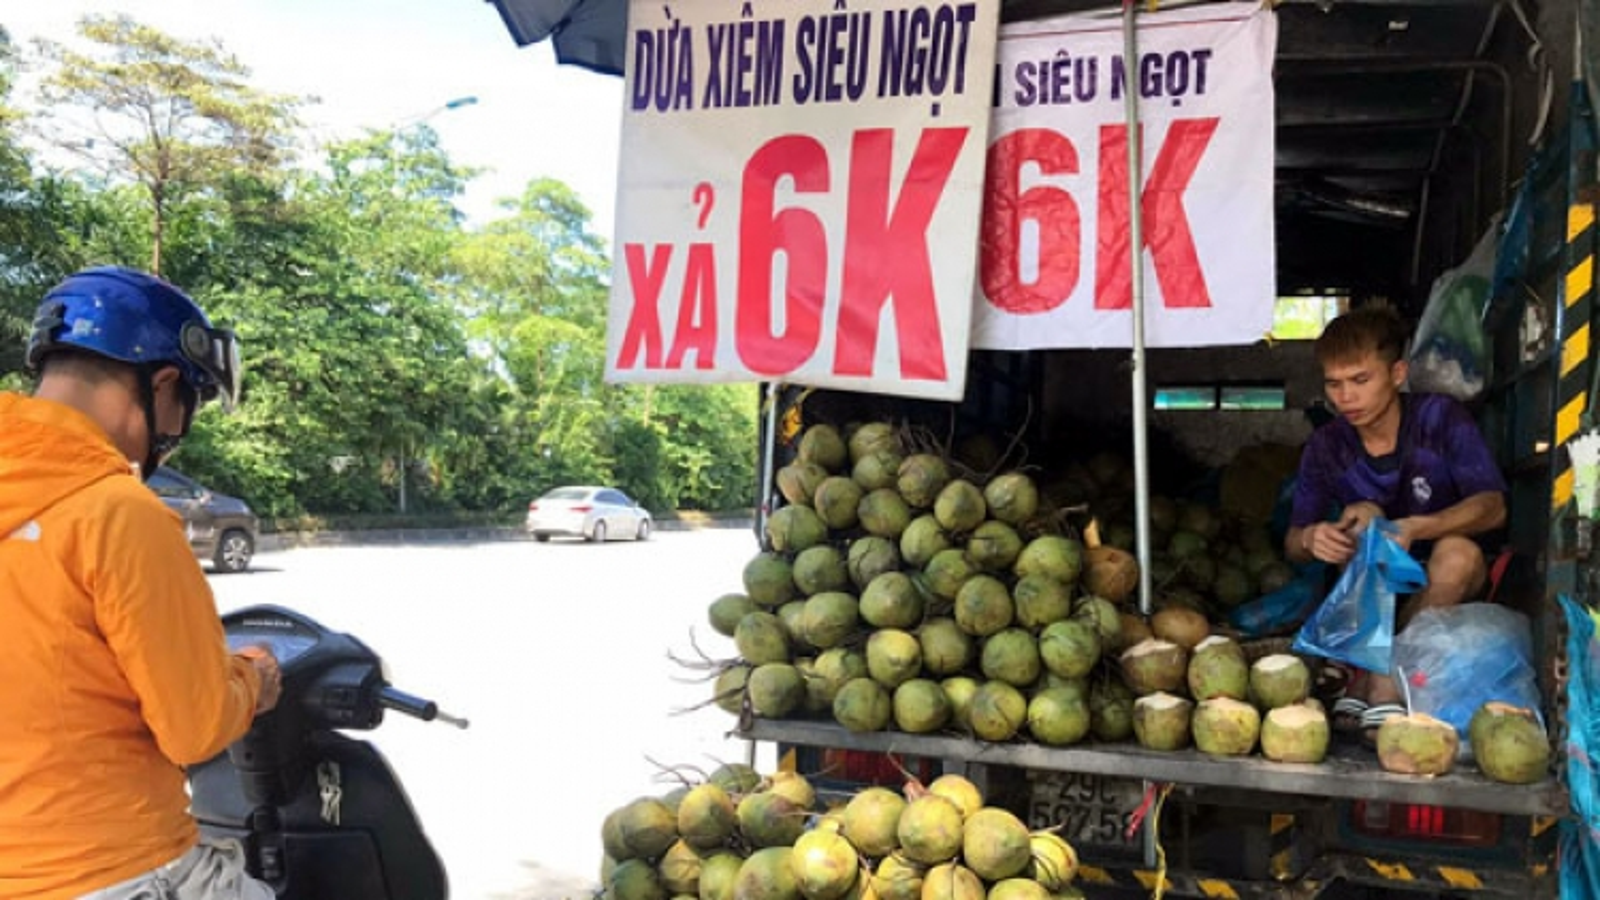 Dừa giá rẻ bán đầy đường có nguồn gốc từ đâu?